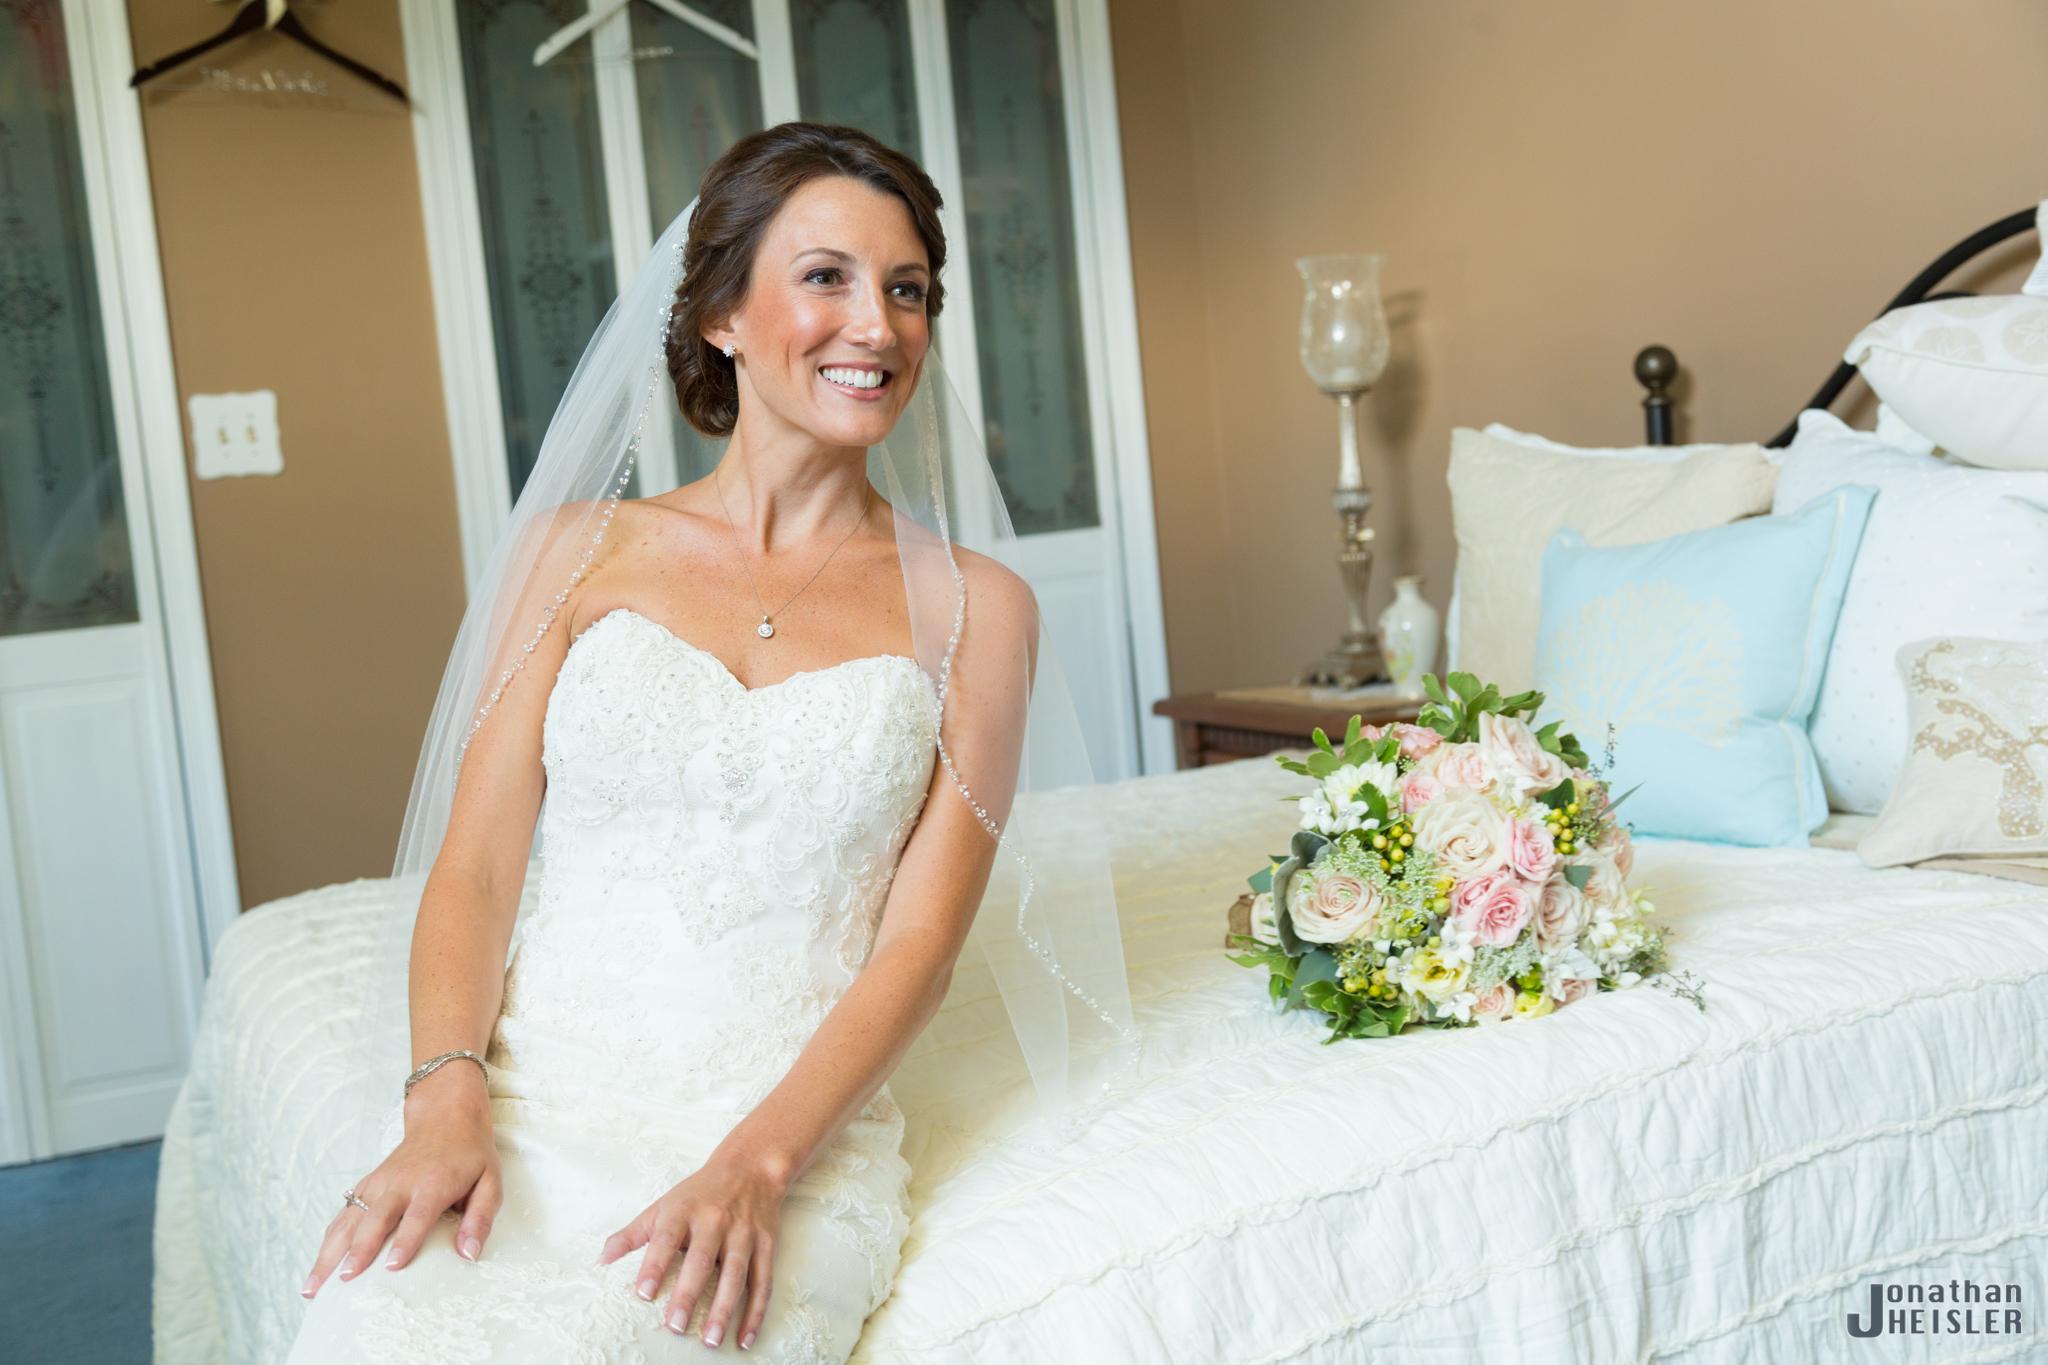 Long Island Wedding Photographer _ Jonathan Heisler  _  7-12-2014_00095.jpg